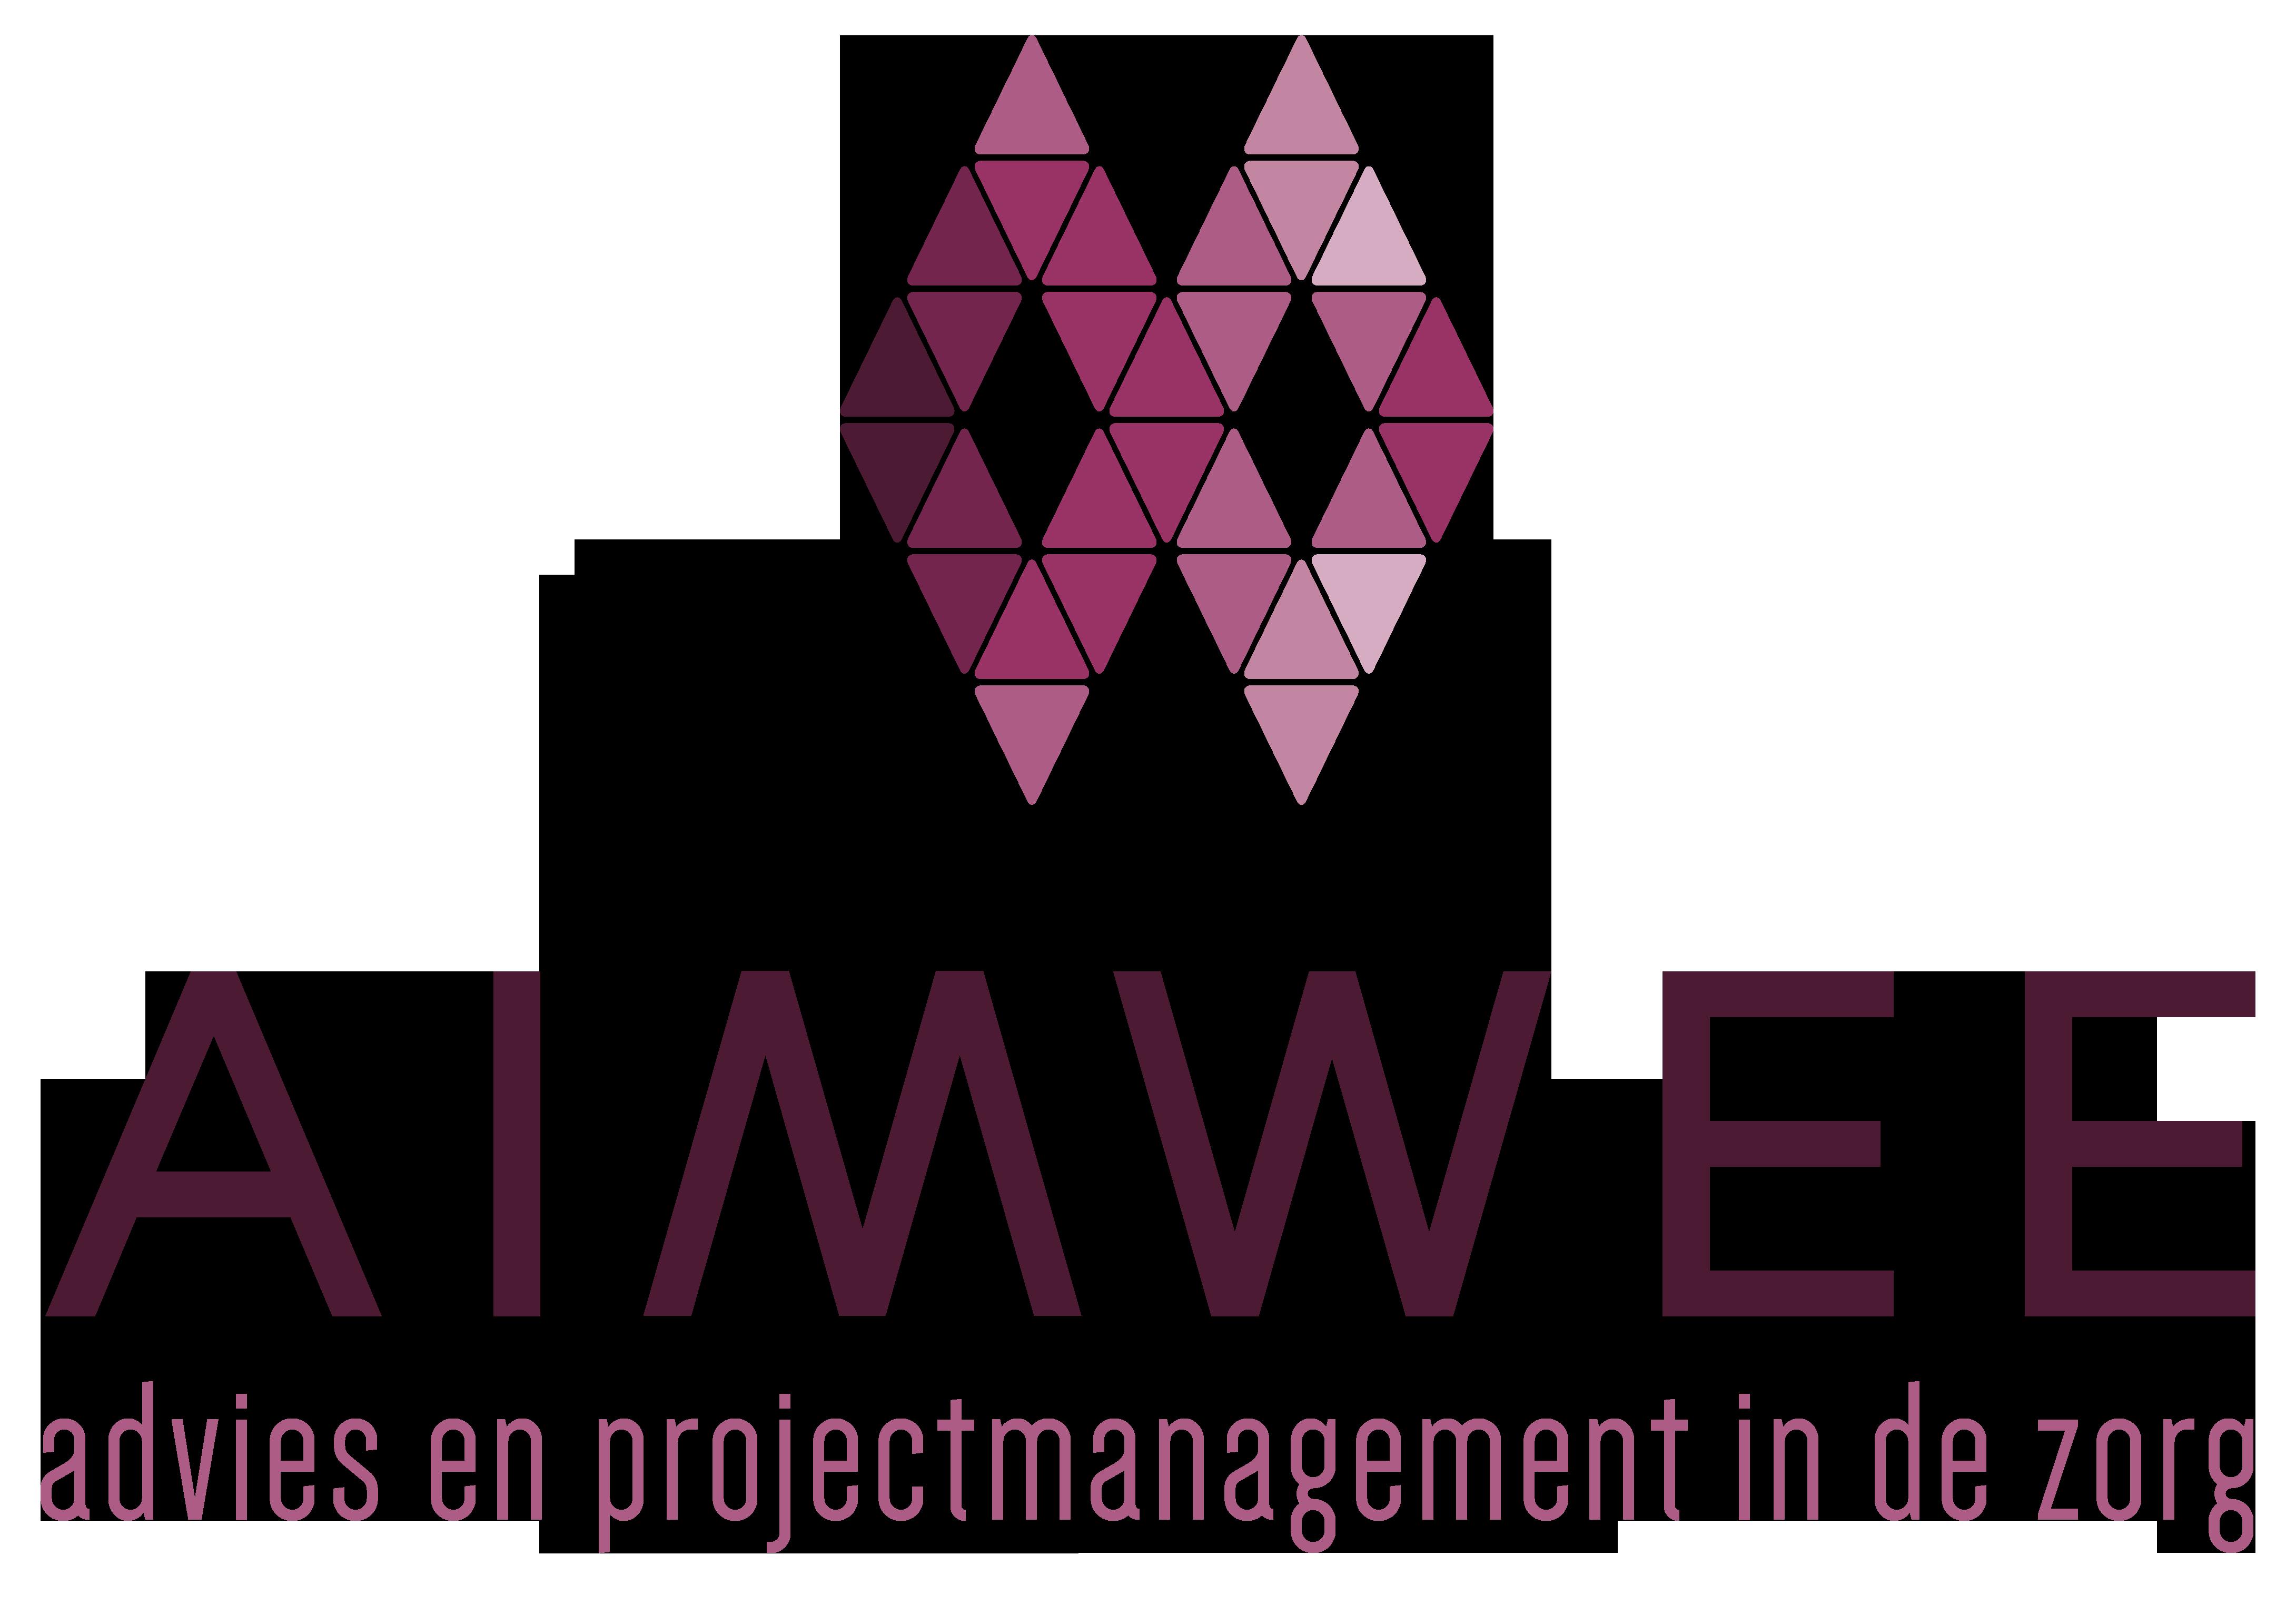 Aimwee